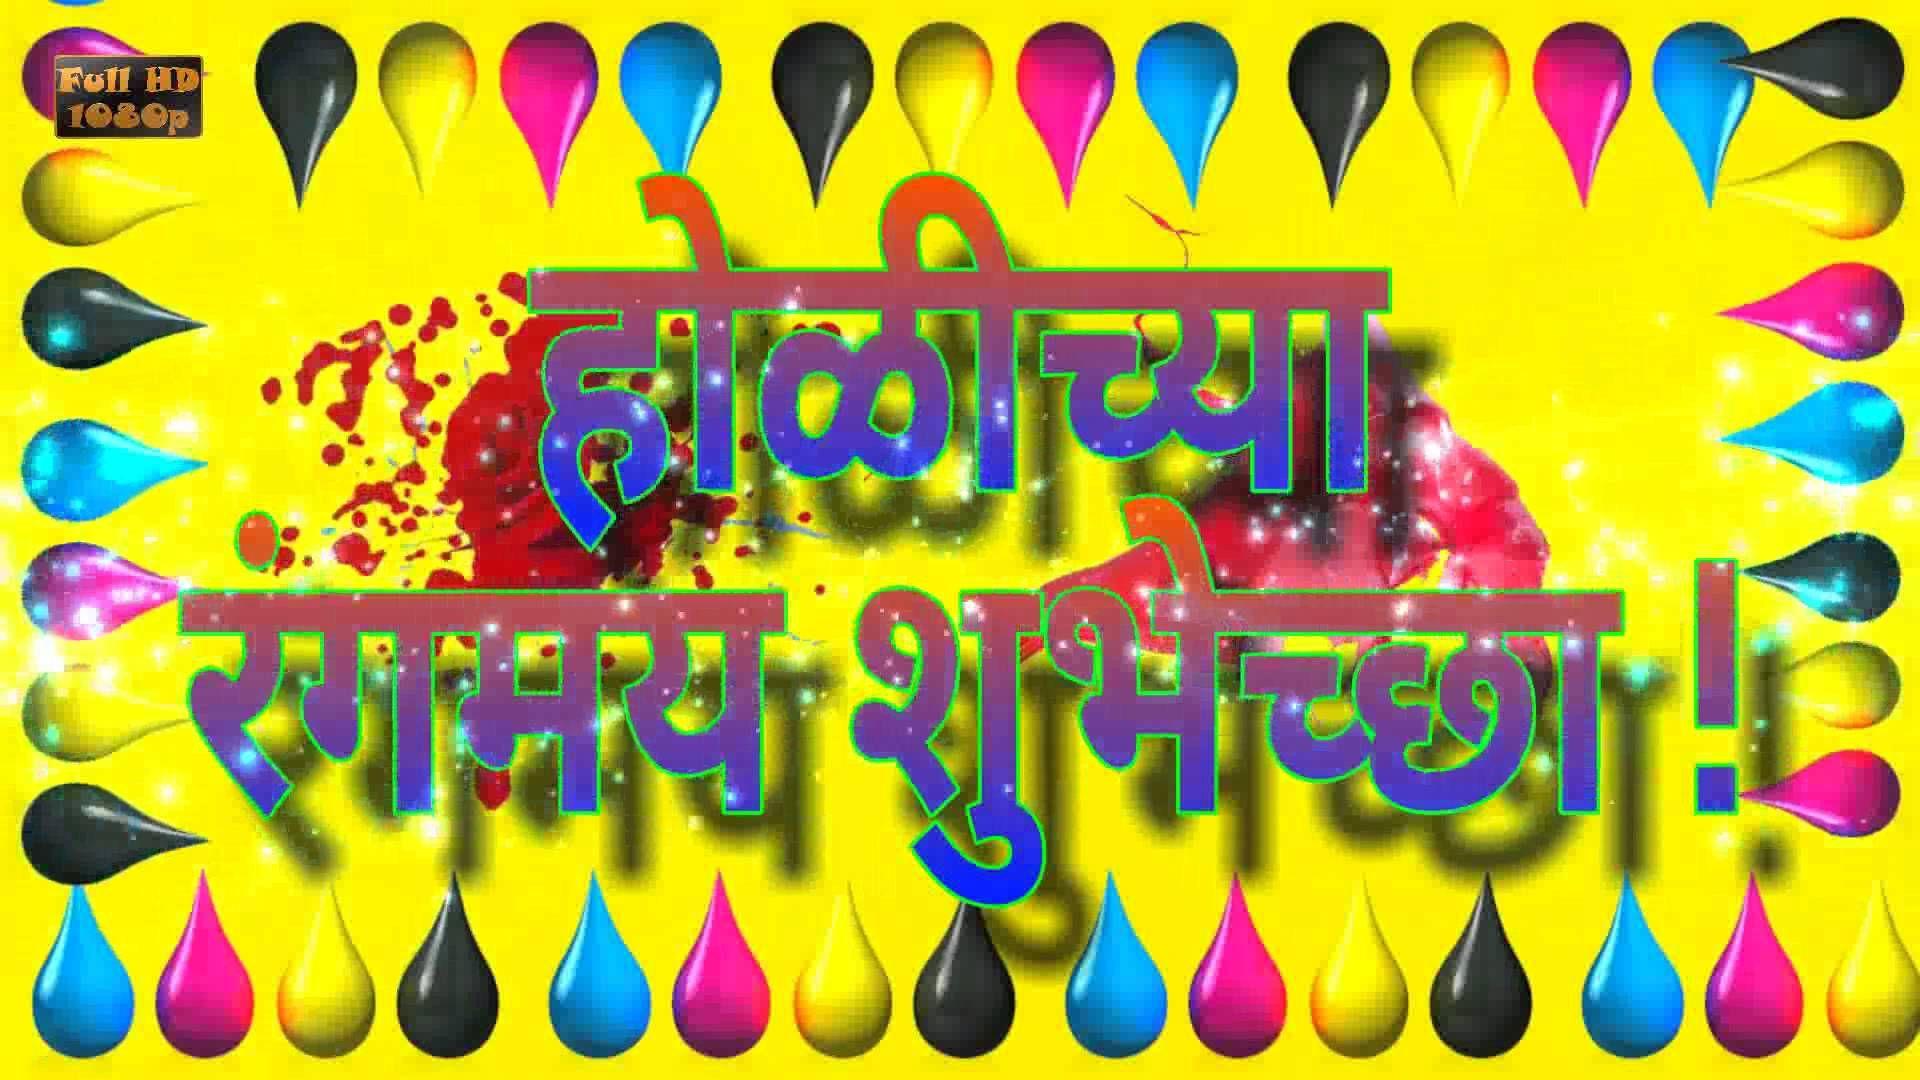 Happy Holi Greetings In Marathi Holi Wishes In Marathi Holi